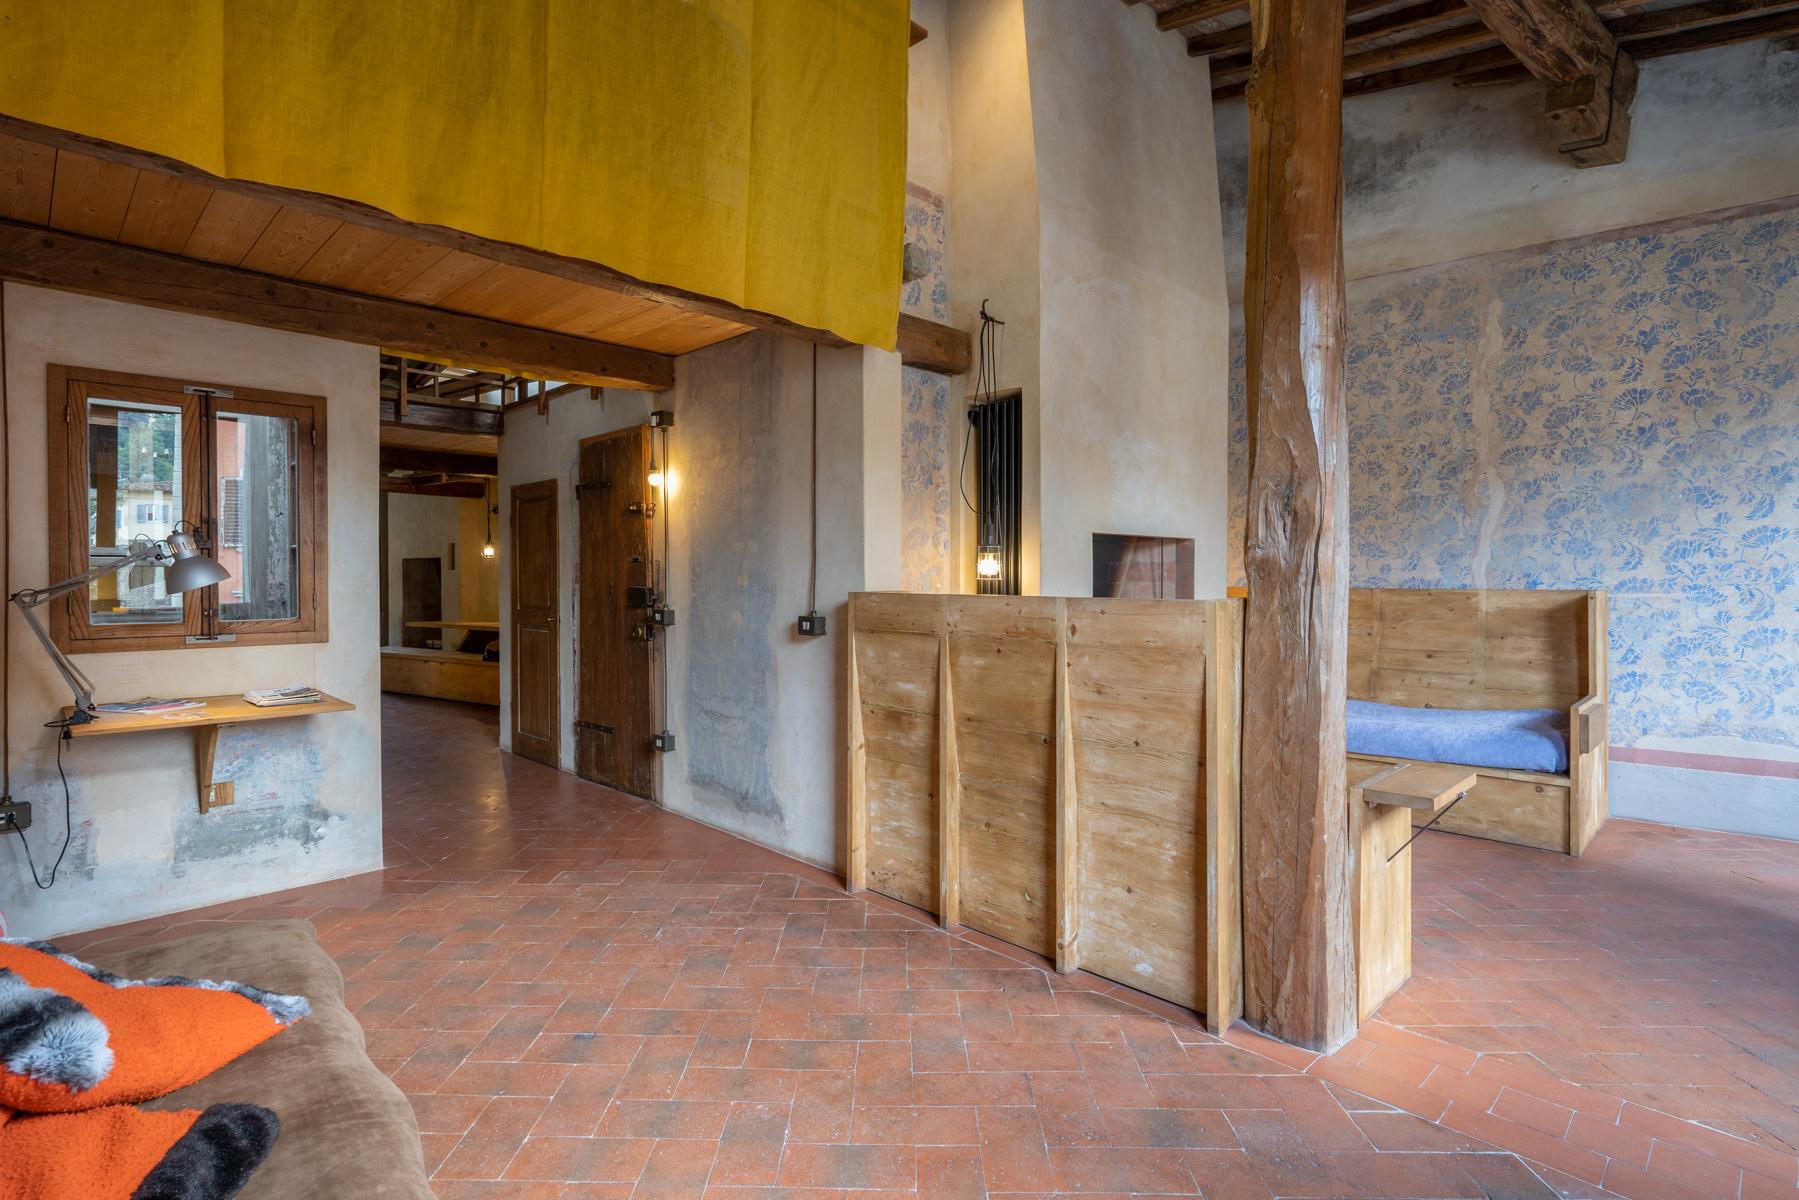 Appartamento in Vendita a Firenze: 4 locali, 120 mq - Foto 5